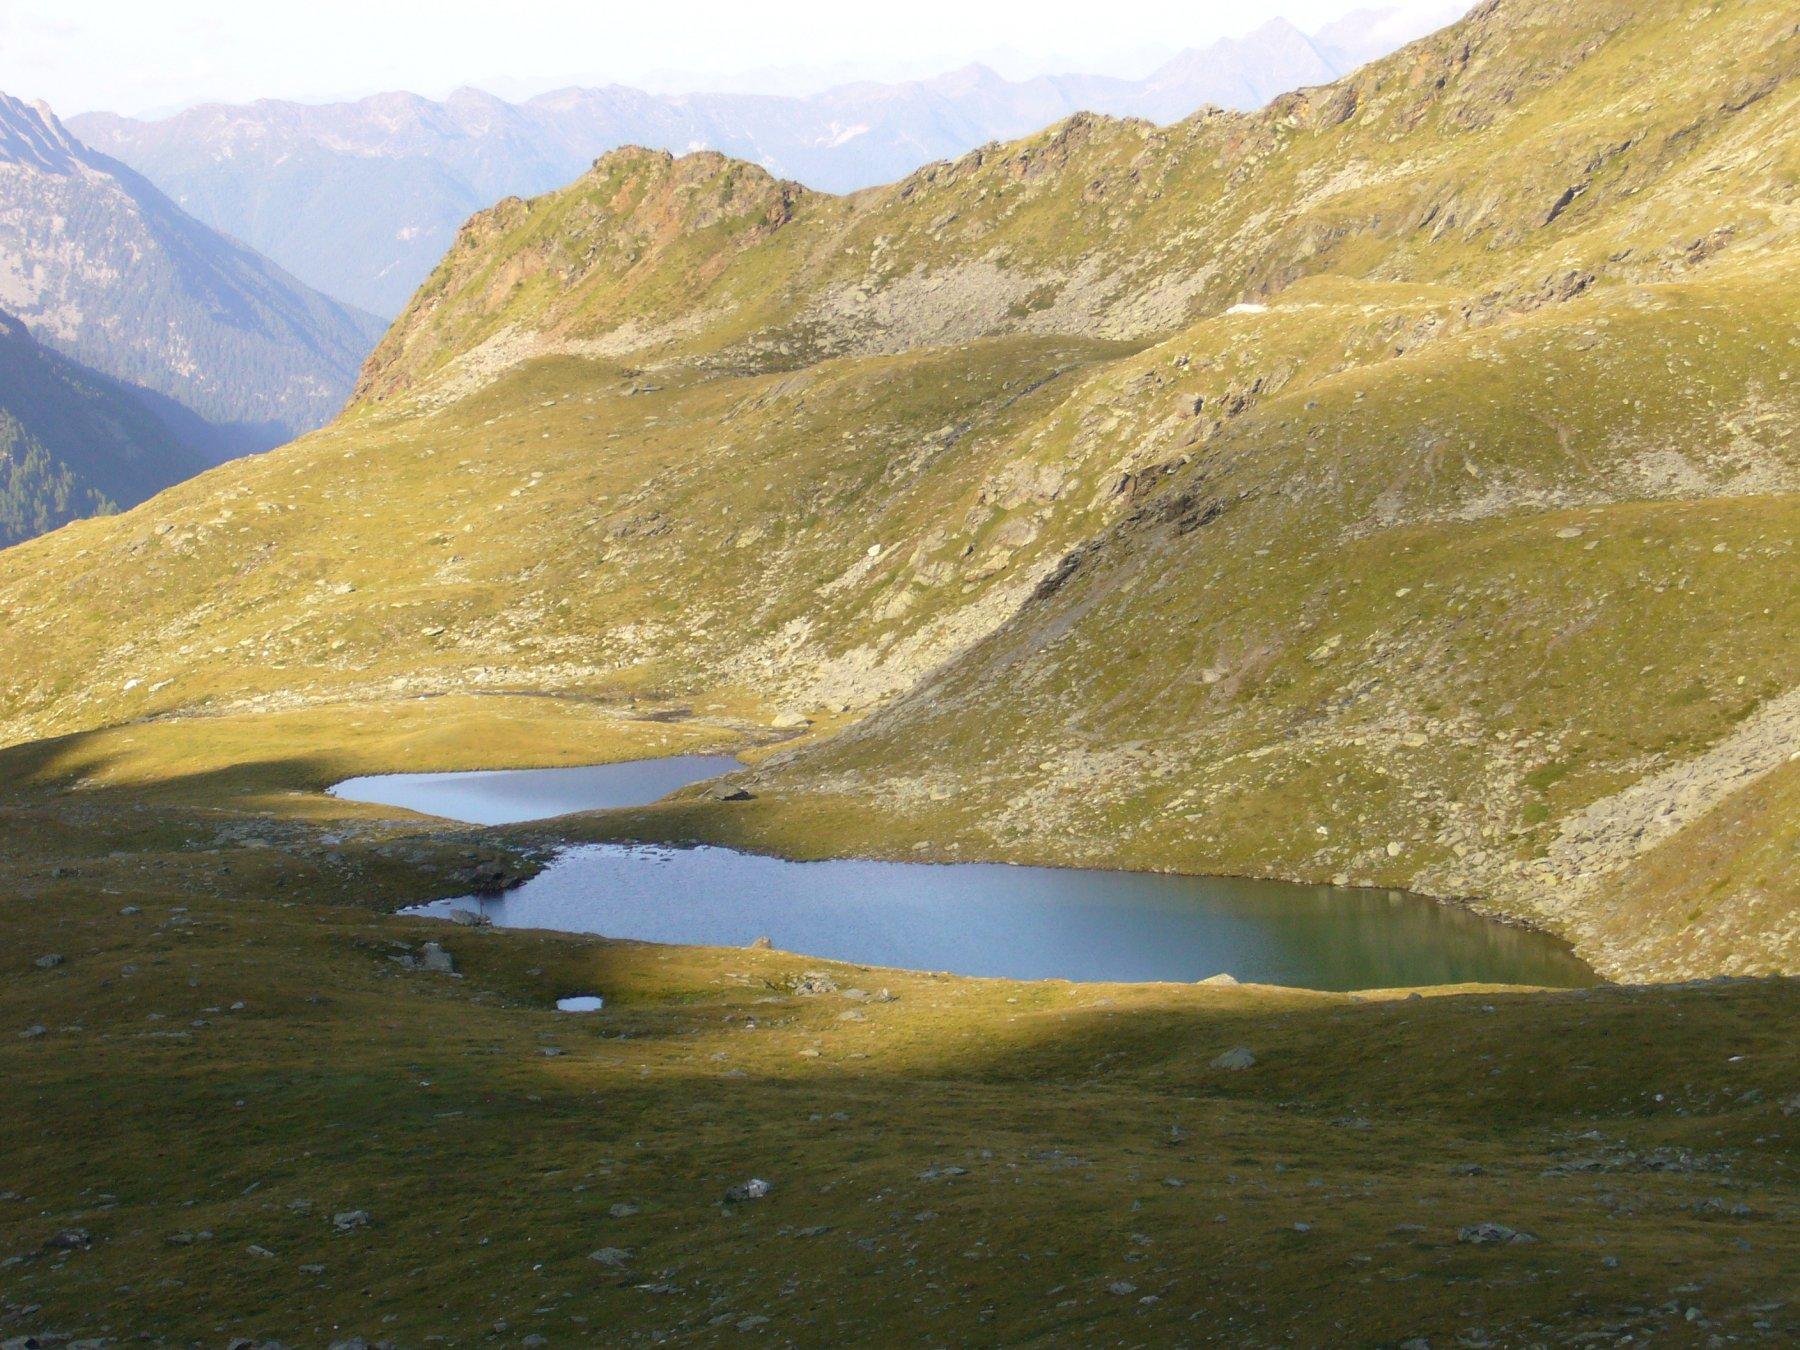 Triangolo di Riva o Dreieck Spitze da Riva di Tures, anello dei laghi Kofler e lago di Gola 2017-08-17